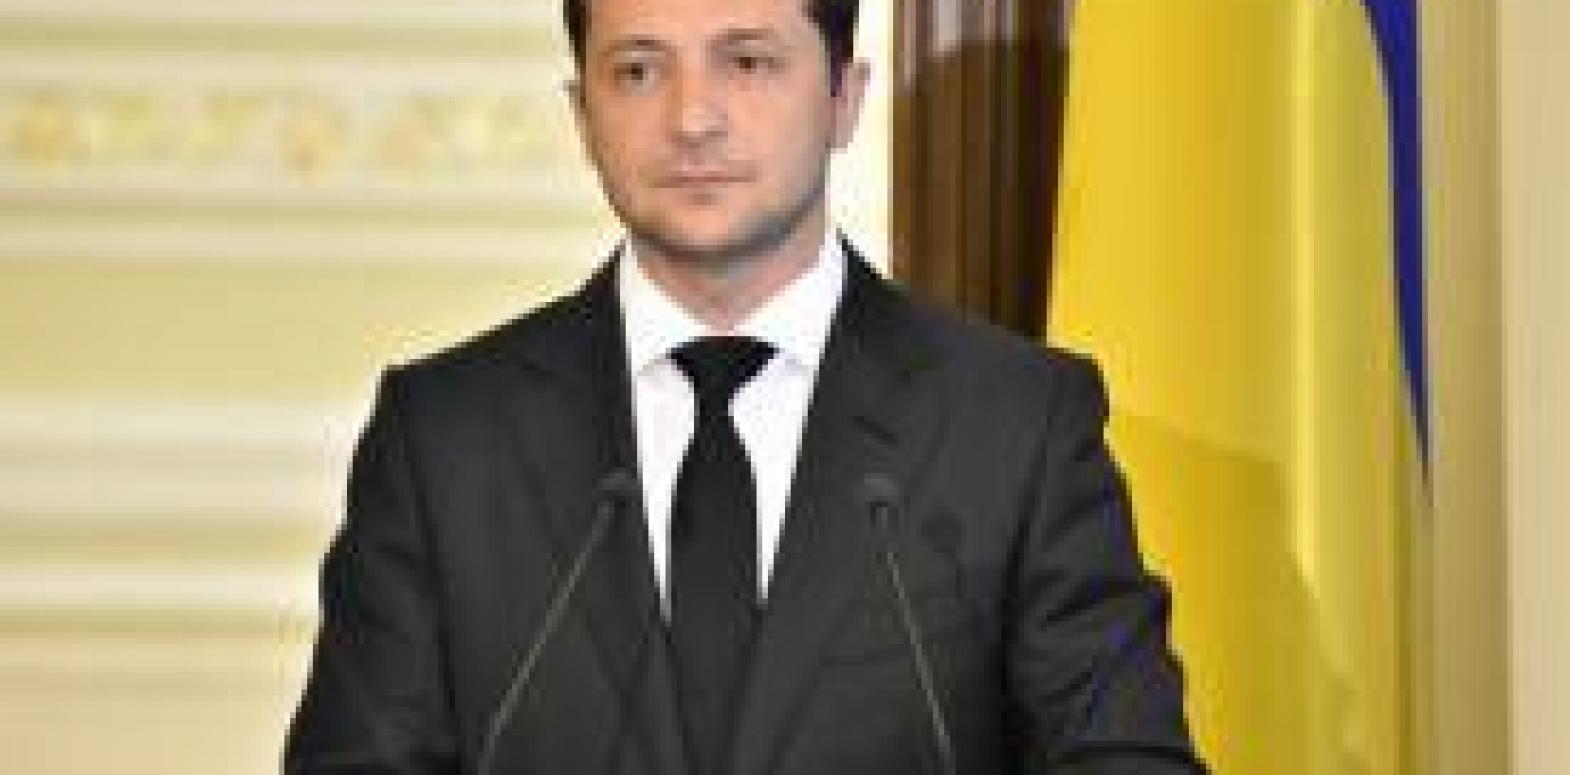 Украина договорилась с МВФ об увеличении программ до 8 млрд долларов, - Зеленский